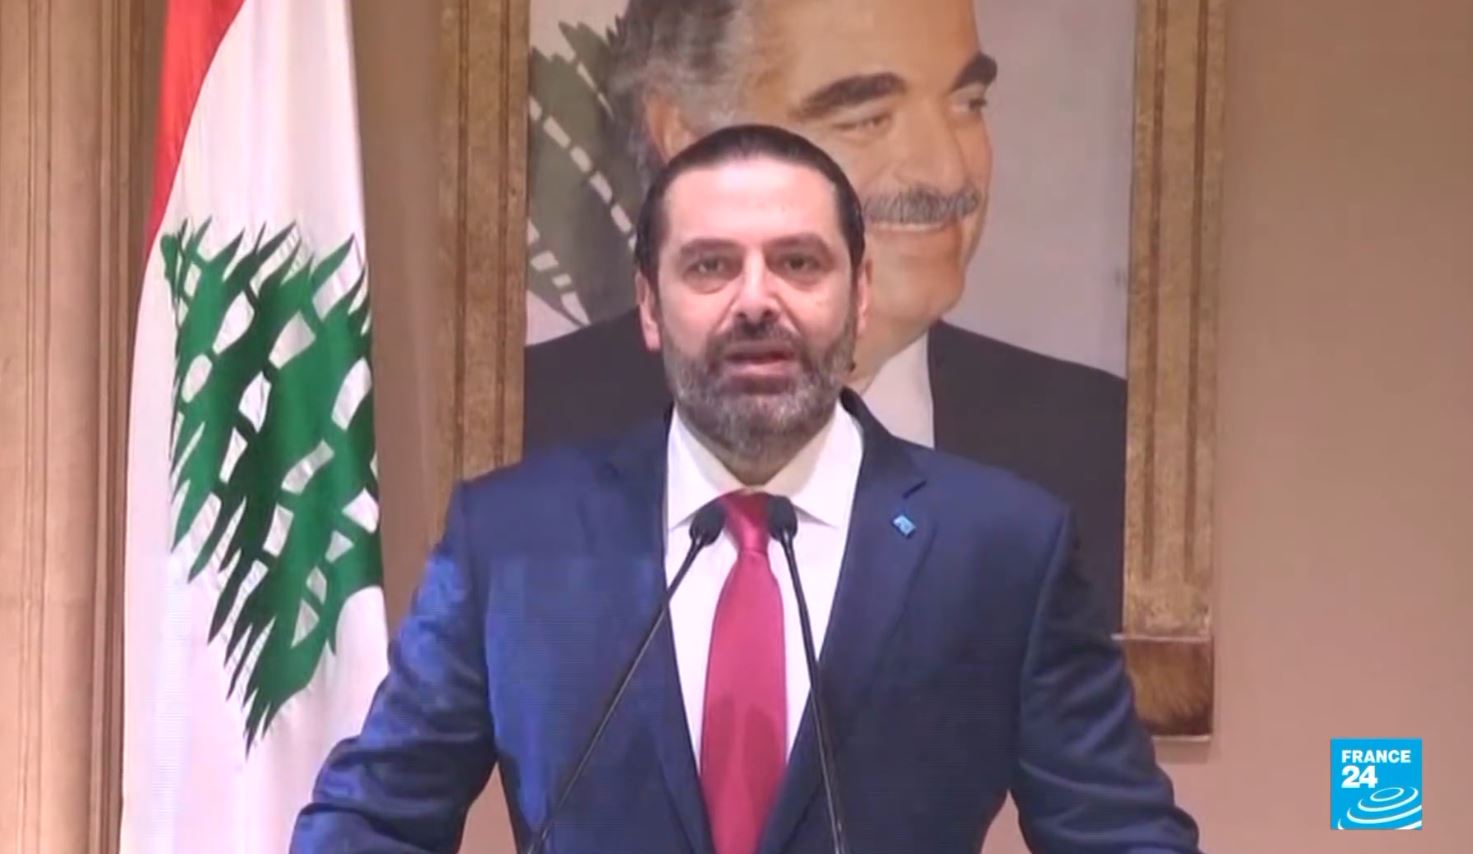 Protestë dhunshme në Liban, jep dorëheqjen kryeministri Saad Hariri